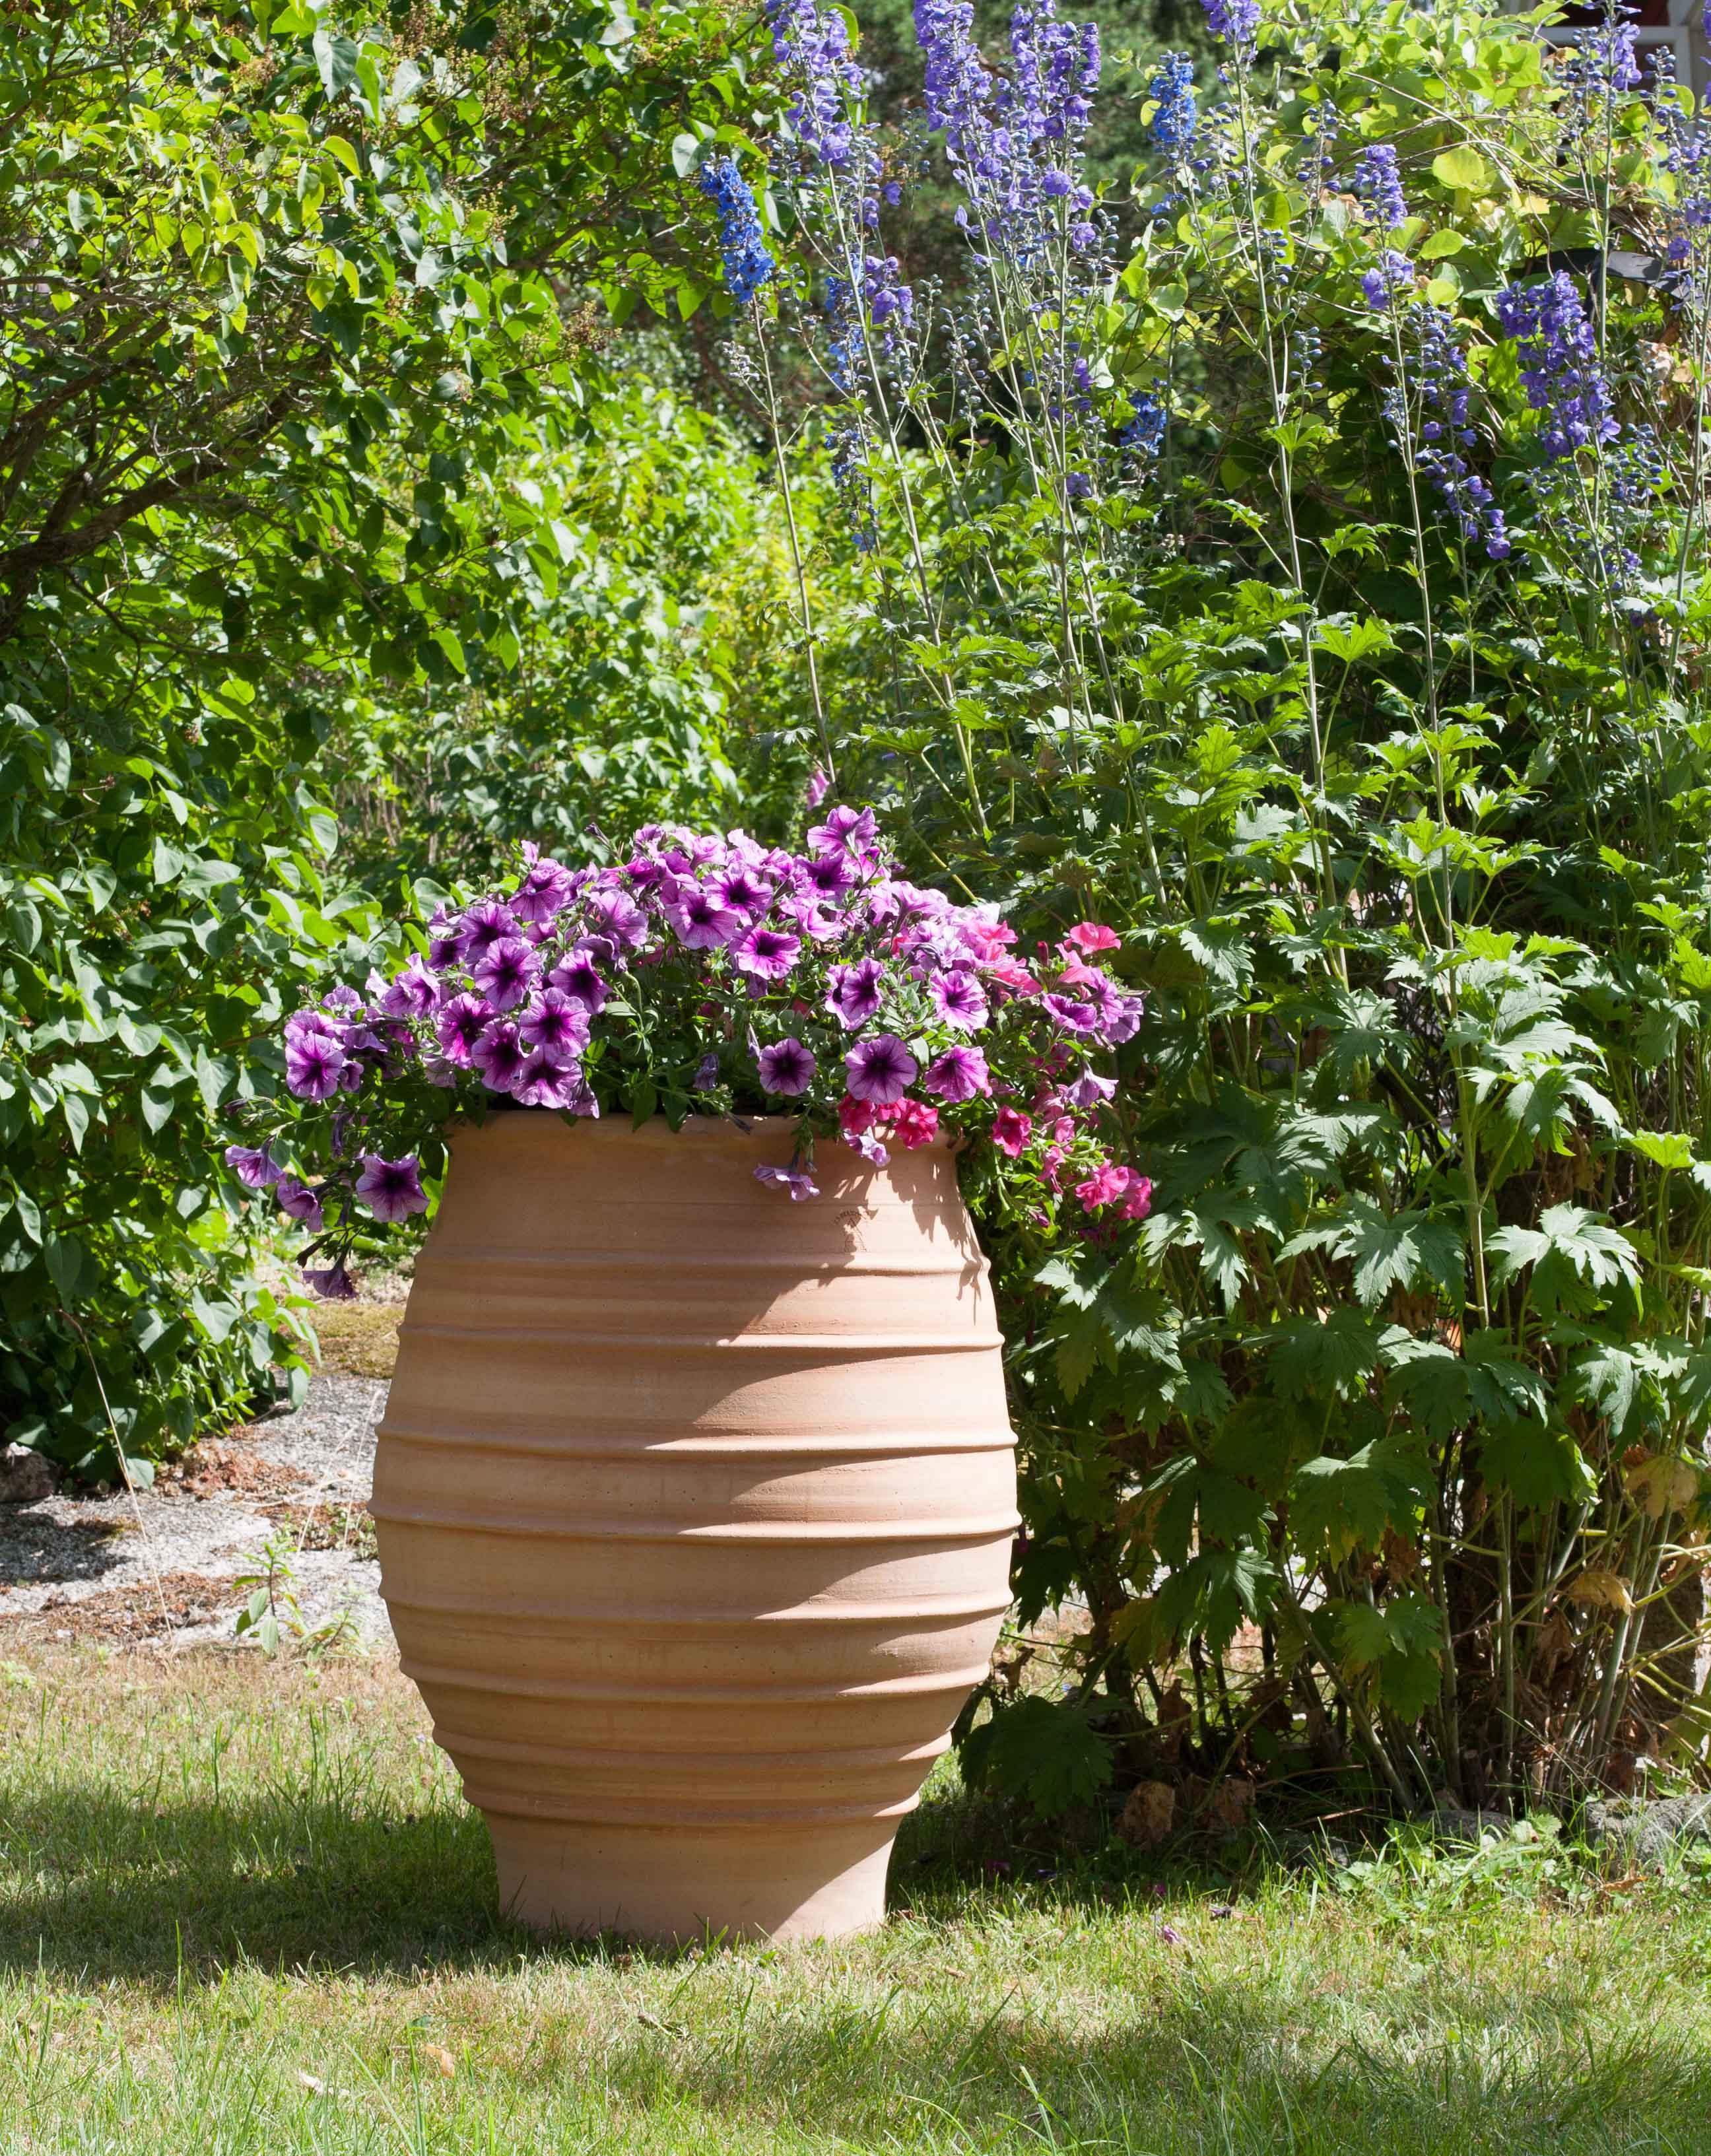 Vattentunna, regnvattentunna av keramik. Bättre än trätunnor och plasttunnor. Regnvattentunnan är av frosttålig terrakotta från Medelhavskeramik. Vattentunnan är underhållsfri. Vattentunnan kan användas för planteringar.